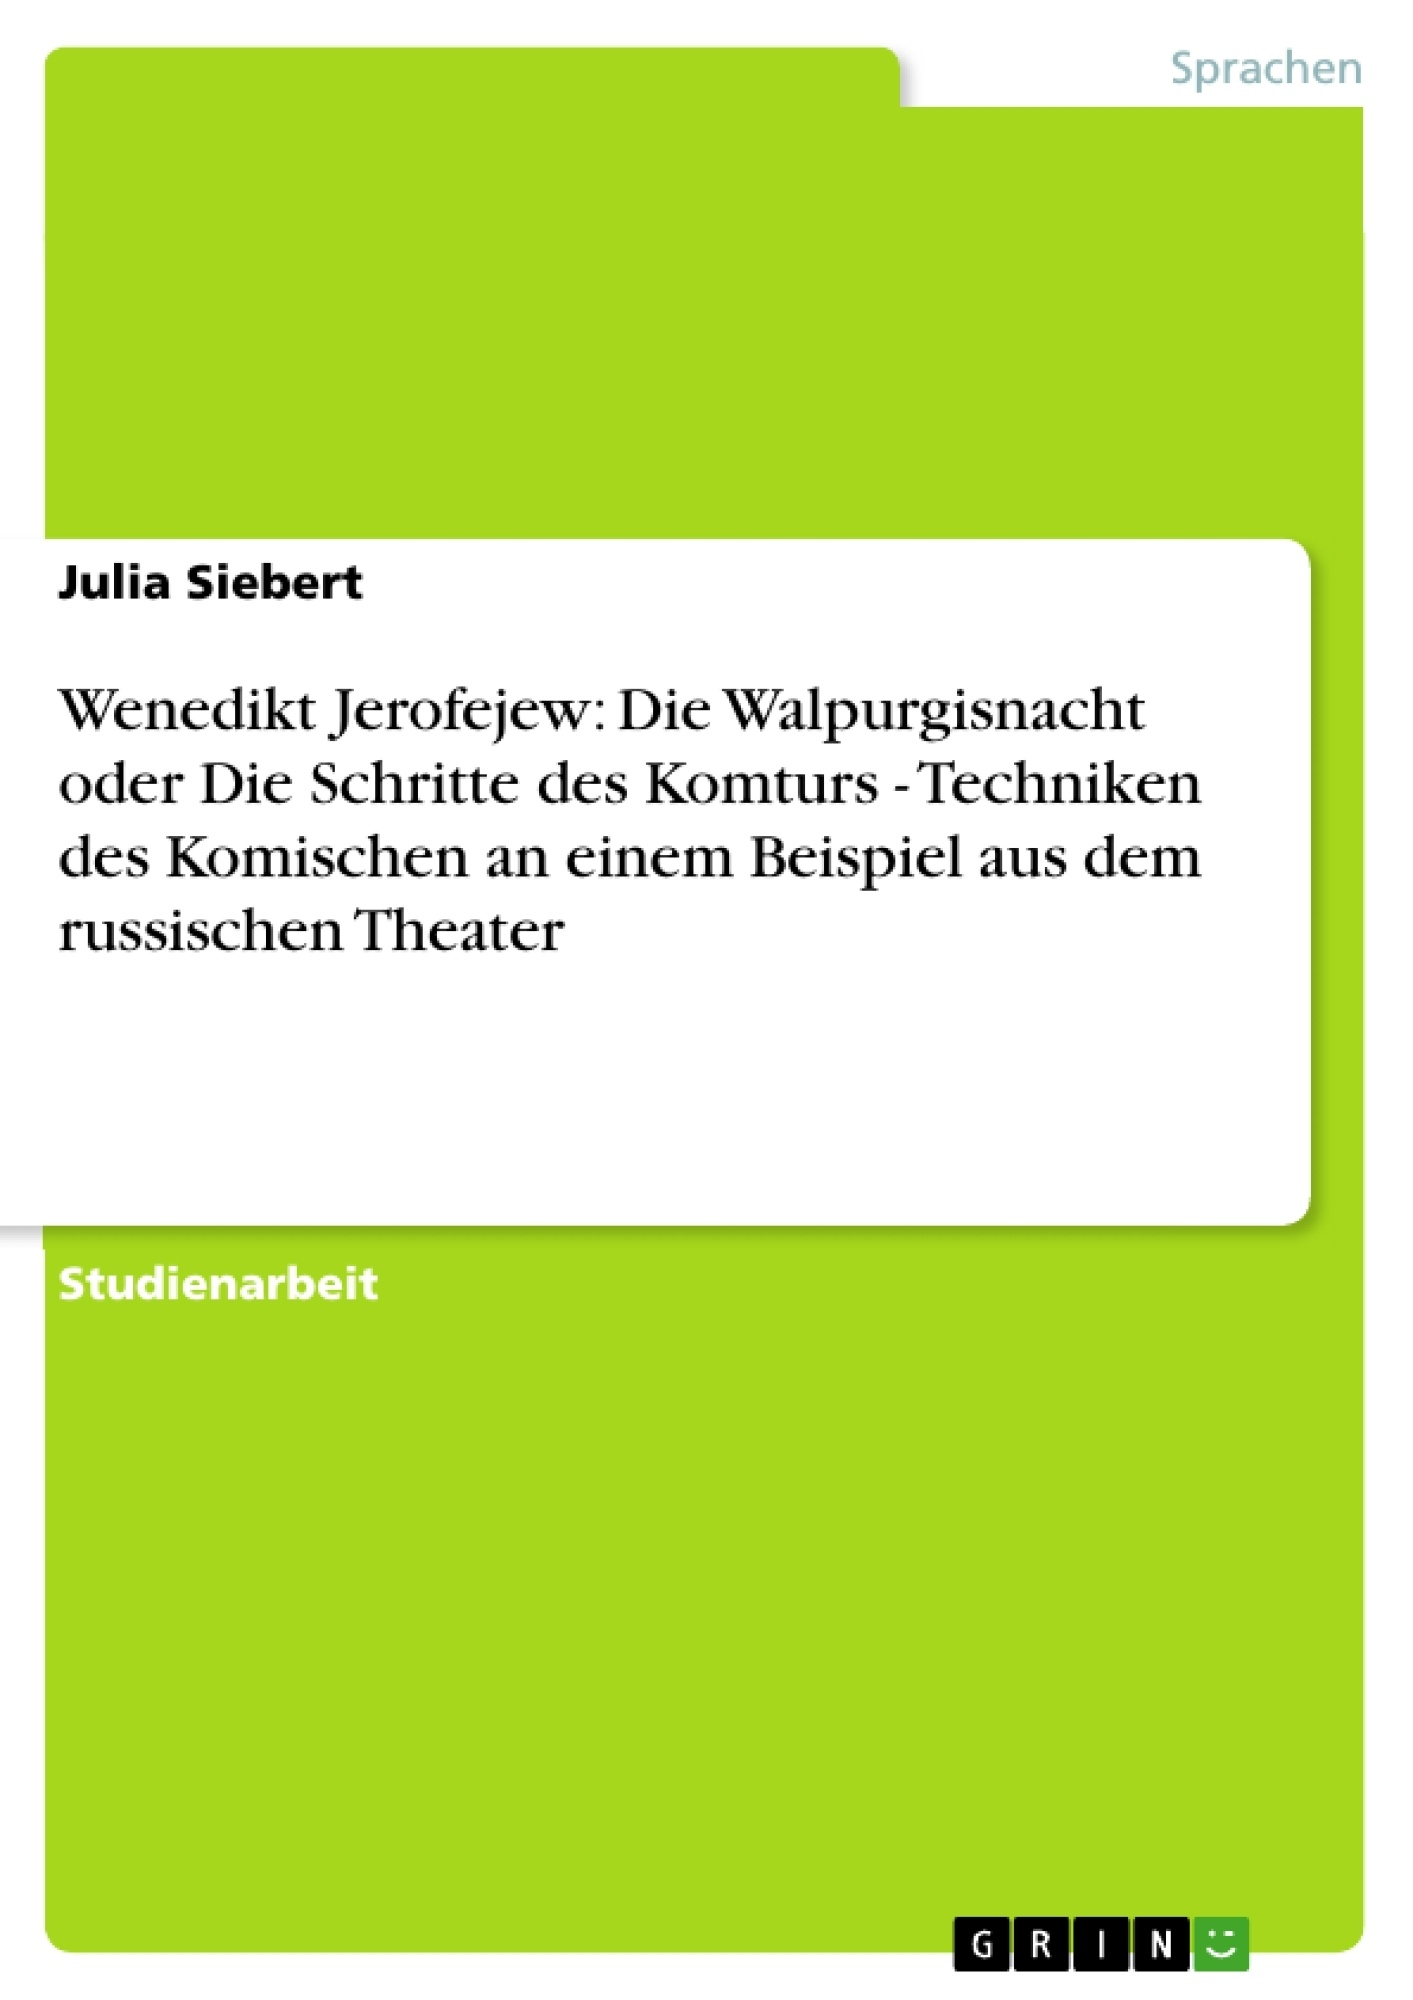 Titel: Wenedikt Jerofejew: Die Walpurgisnacht oder Die Schritte des Komturs - Techniken des Komischen an einem Beispiel aus dem russischen Theater